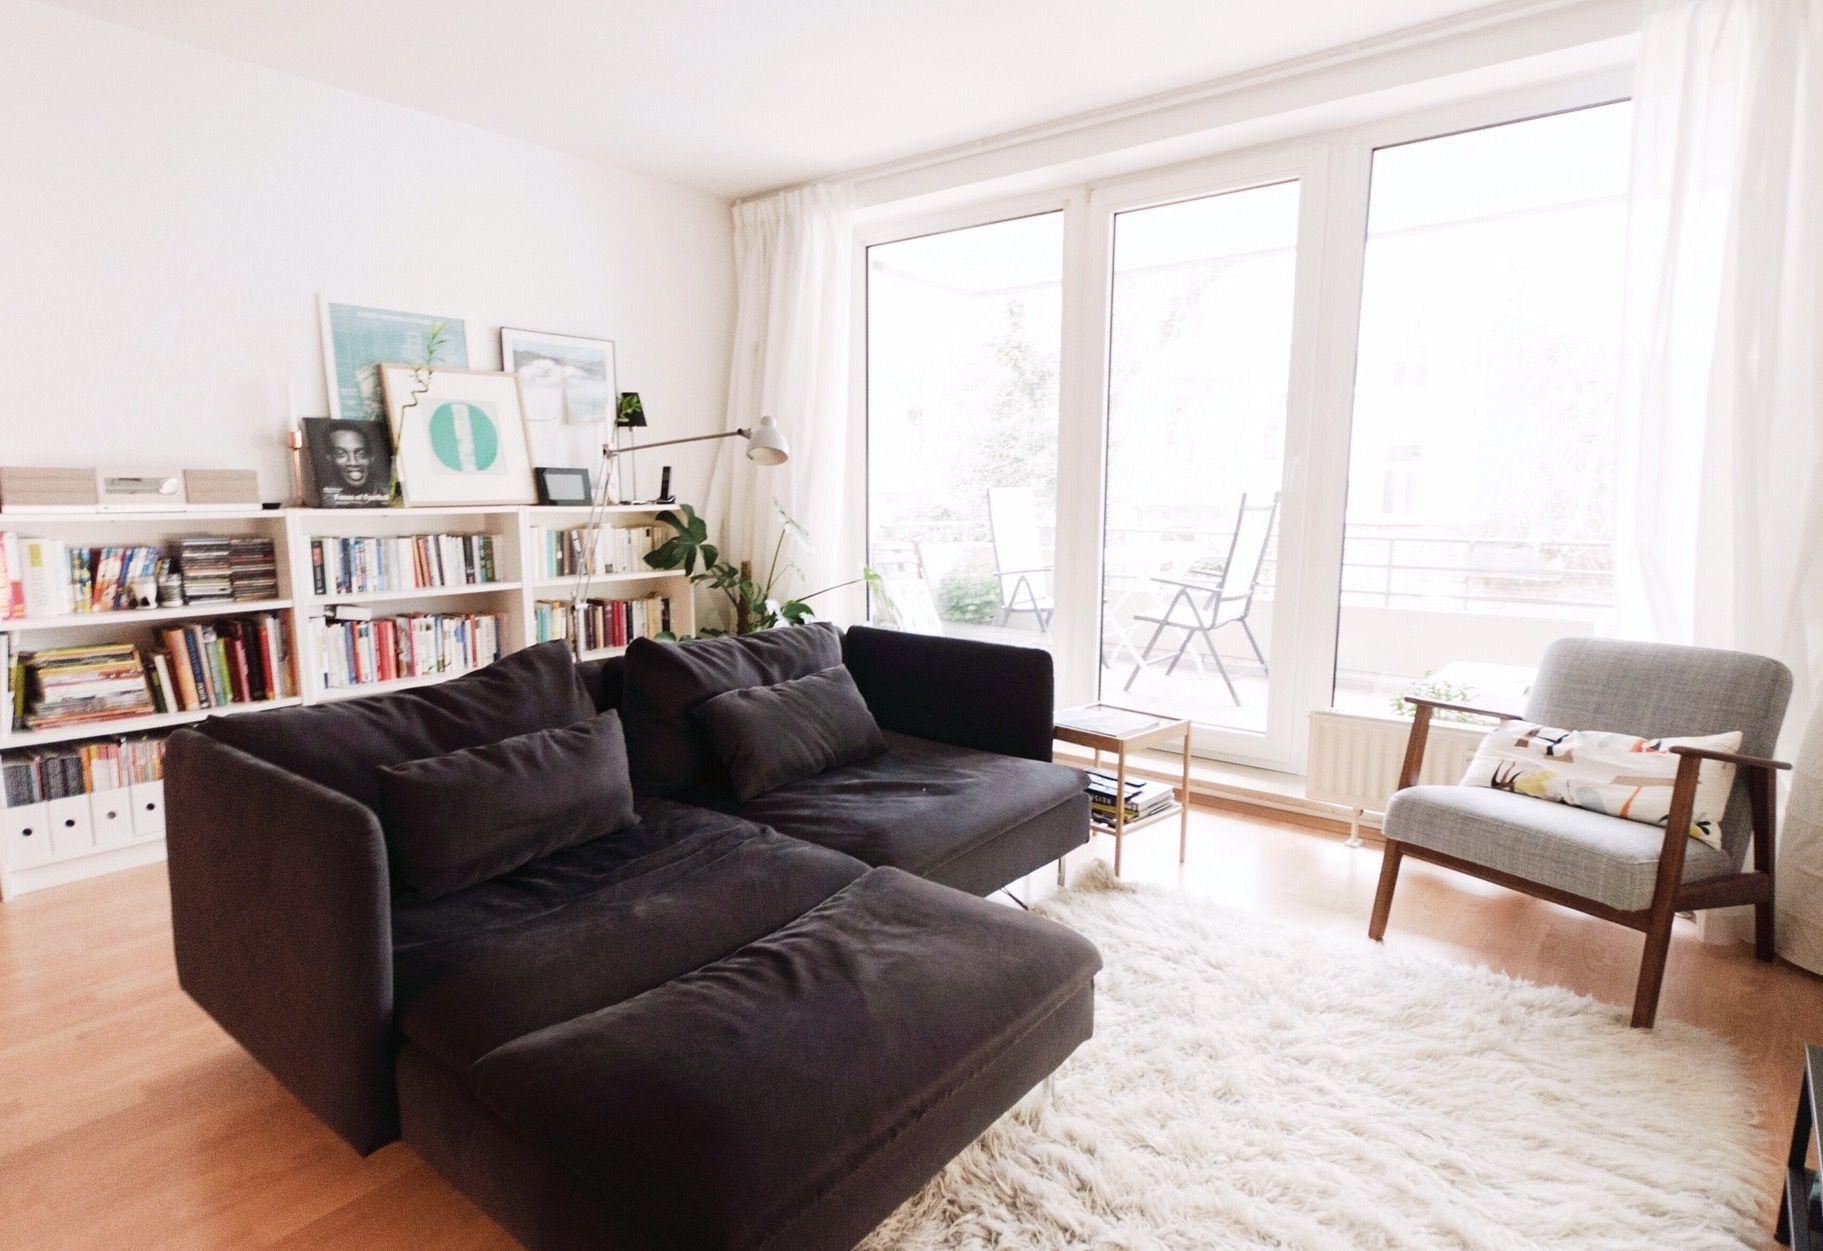 Ein Sofa mitten im Raum? Kontroverses Thema… Ist das Wohnzimmer dann ...